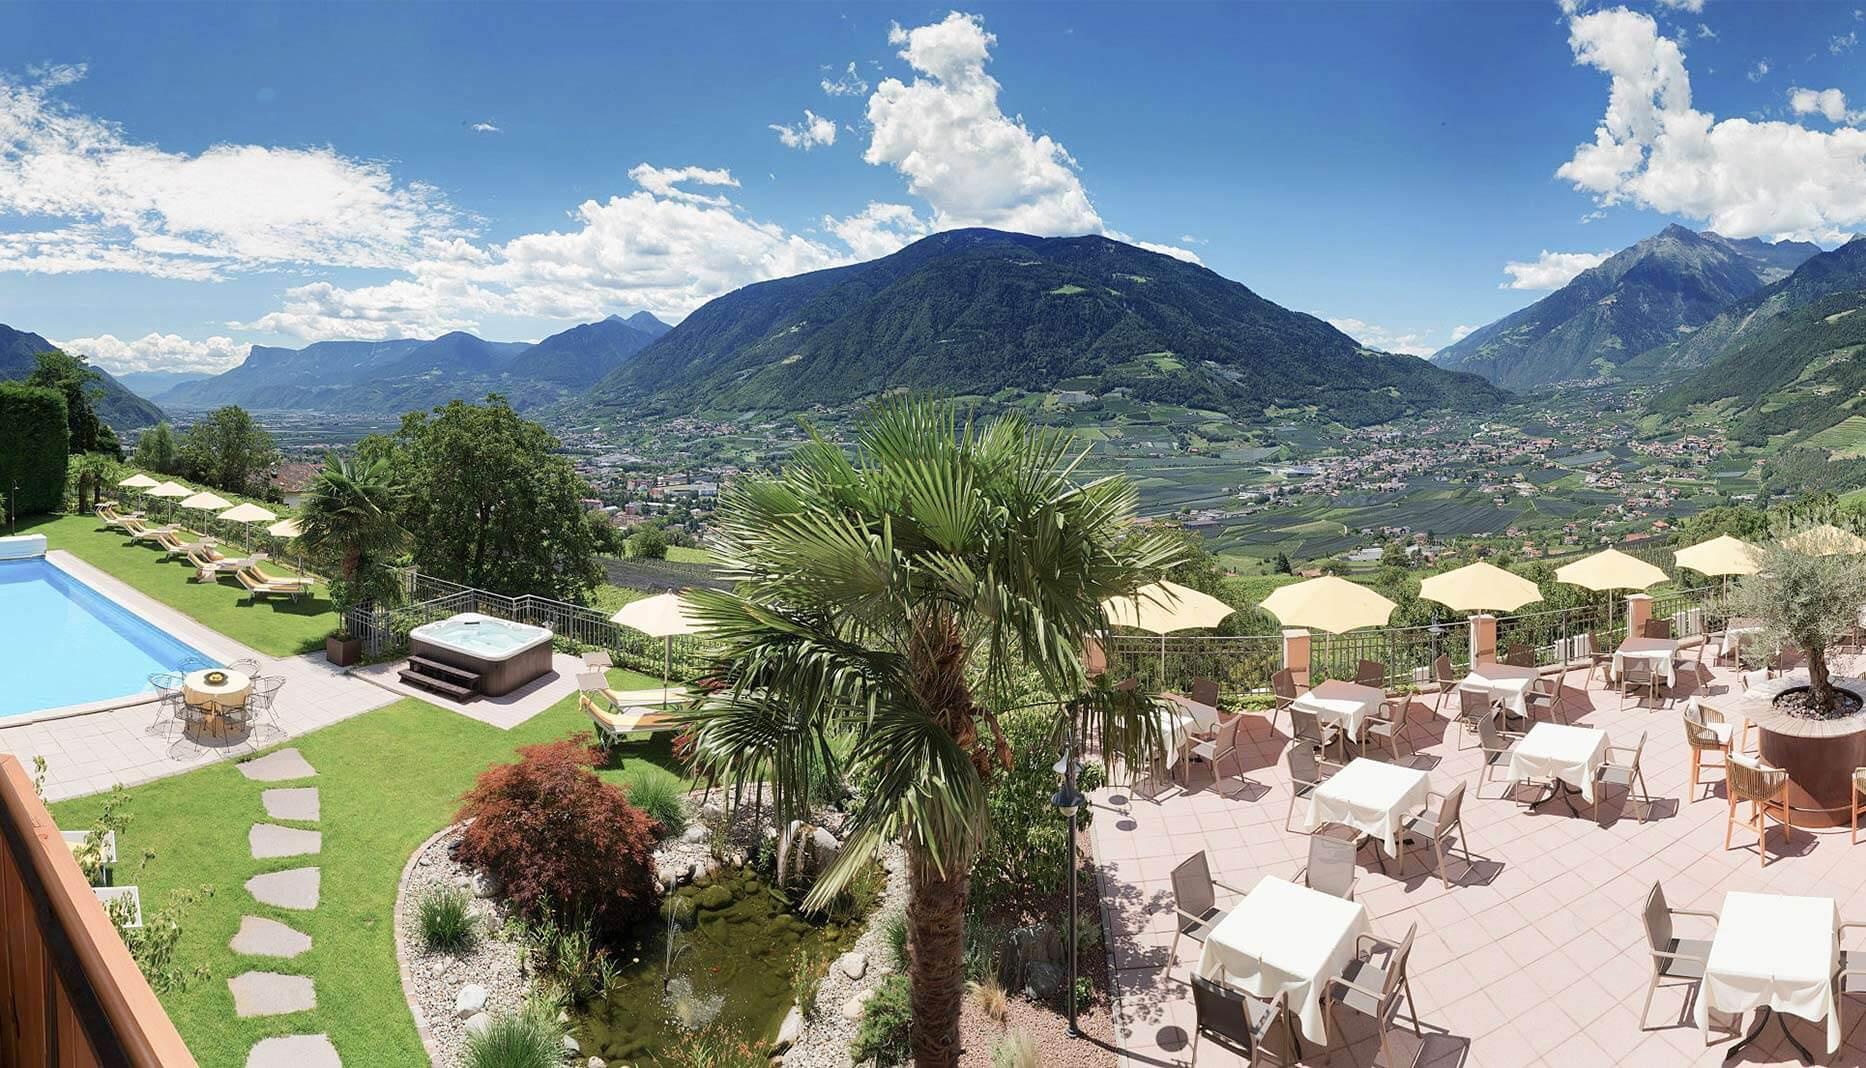 Hotel In Dorf Tirol Hotel Krause